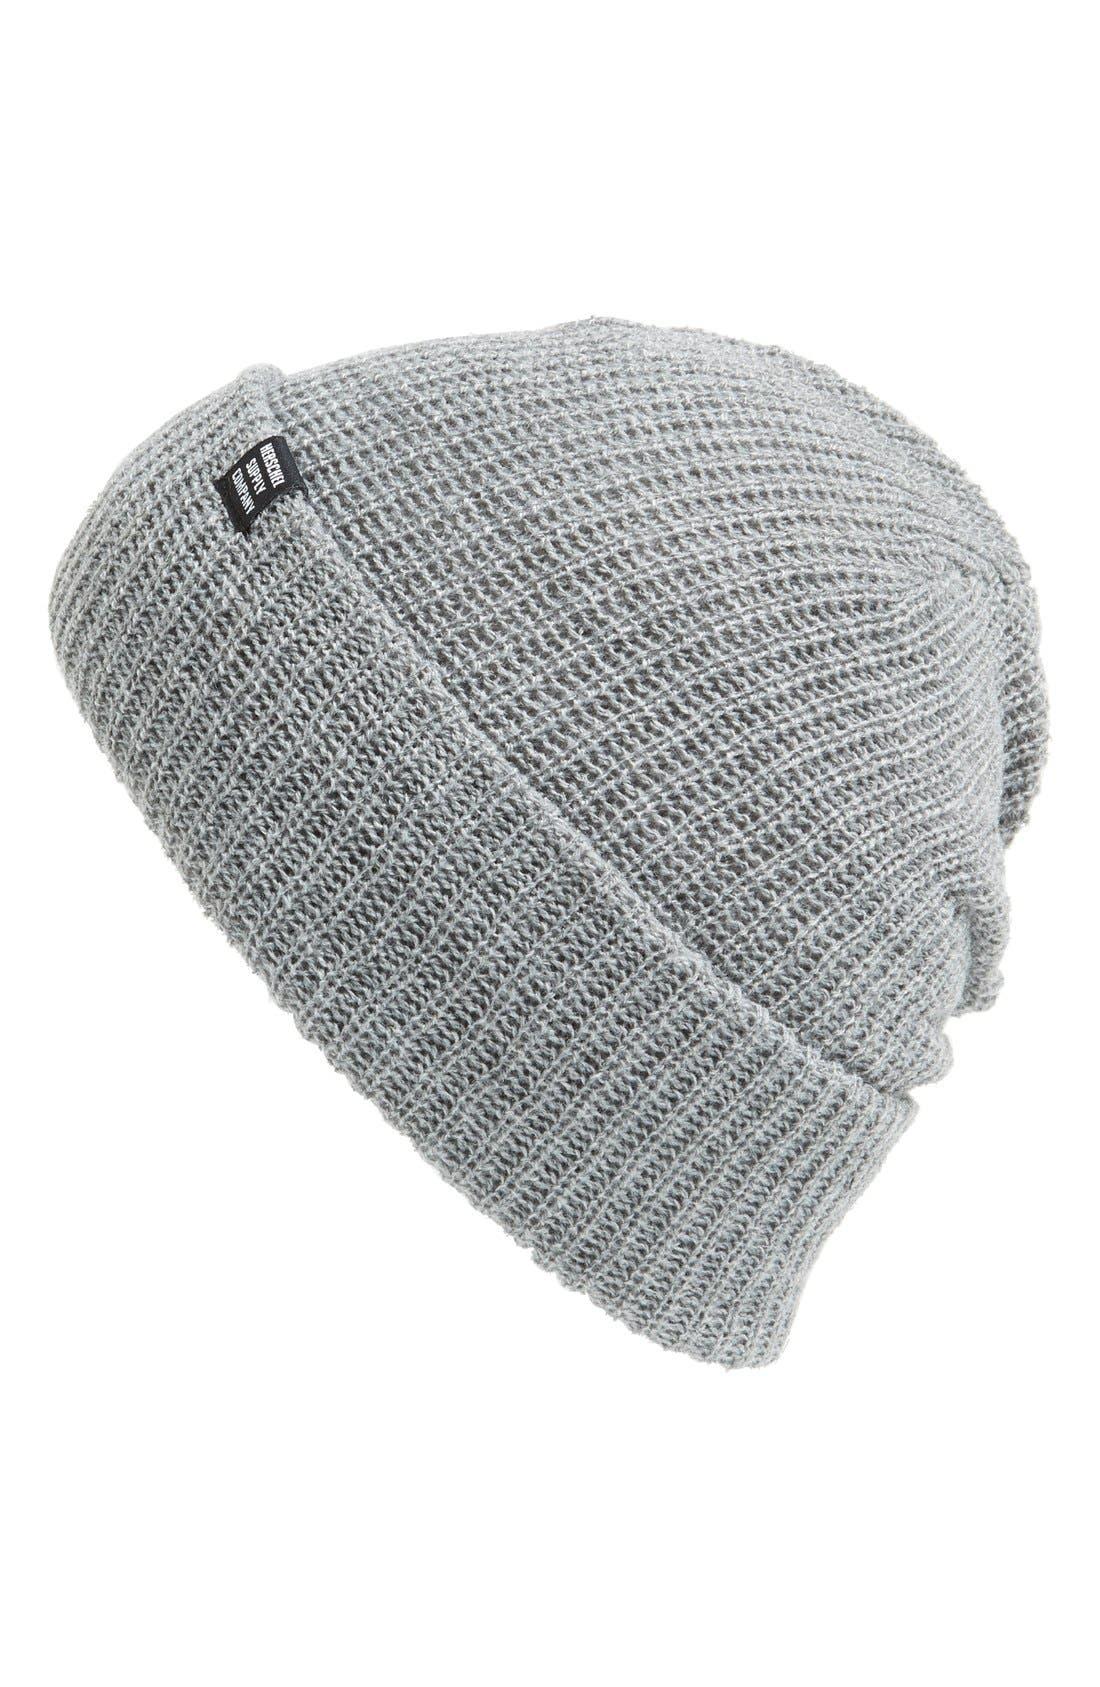 'Quartz' Solid Knit Cap,                             Main thumbnail 3, color,